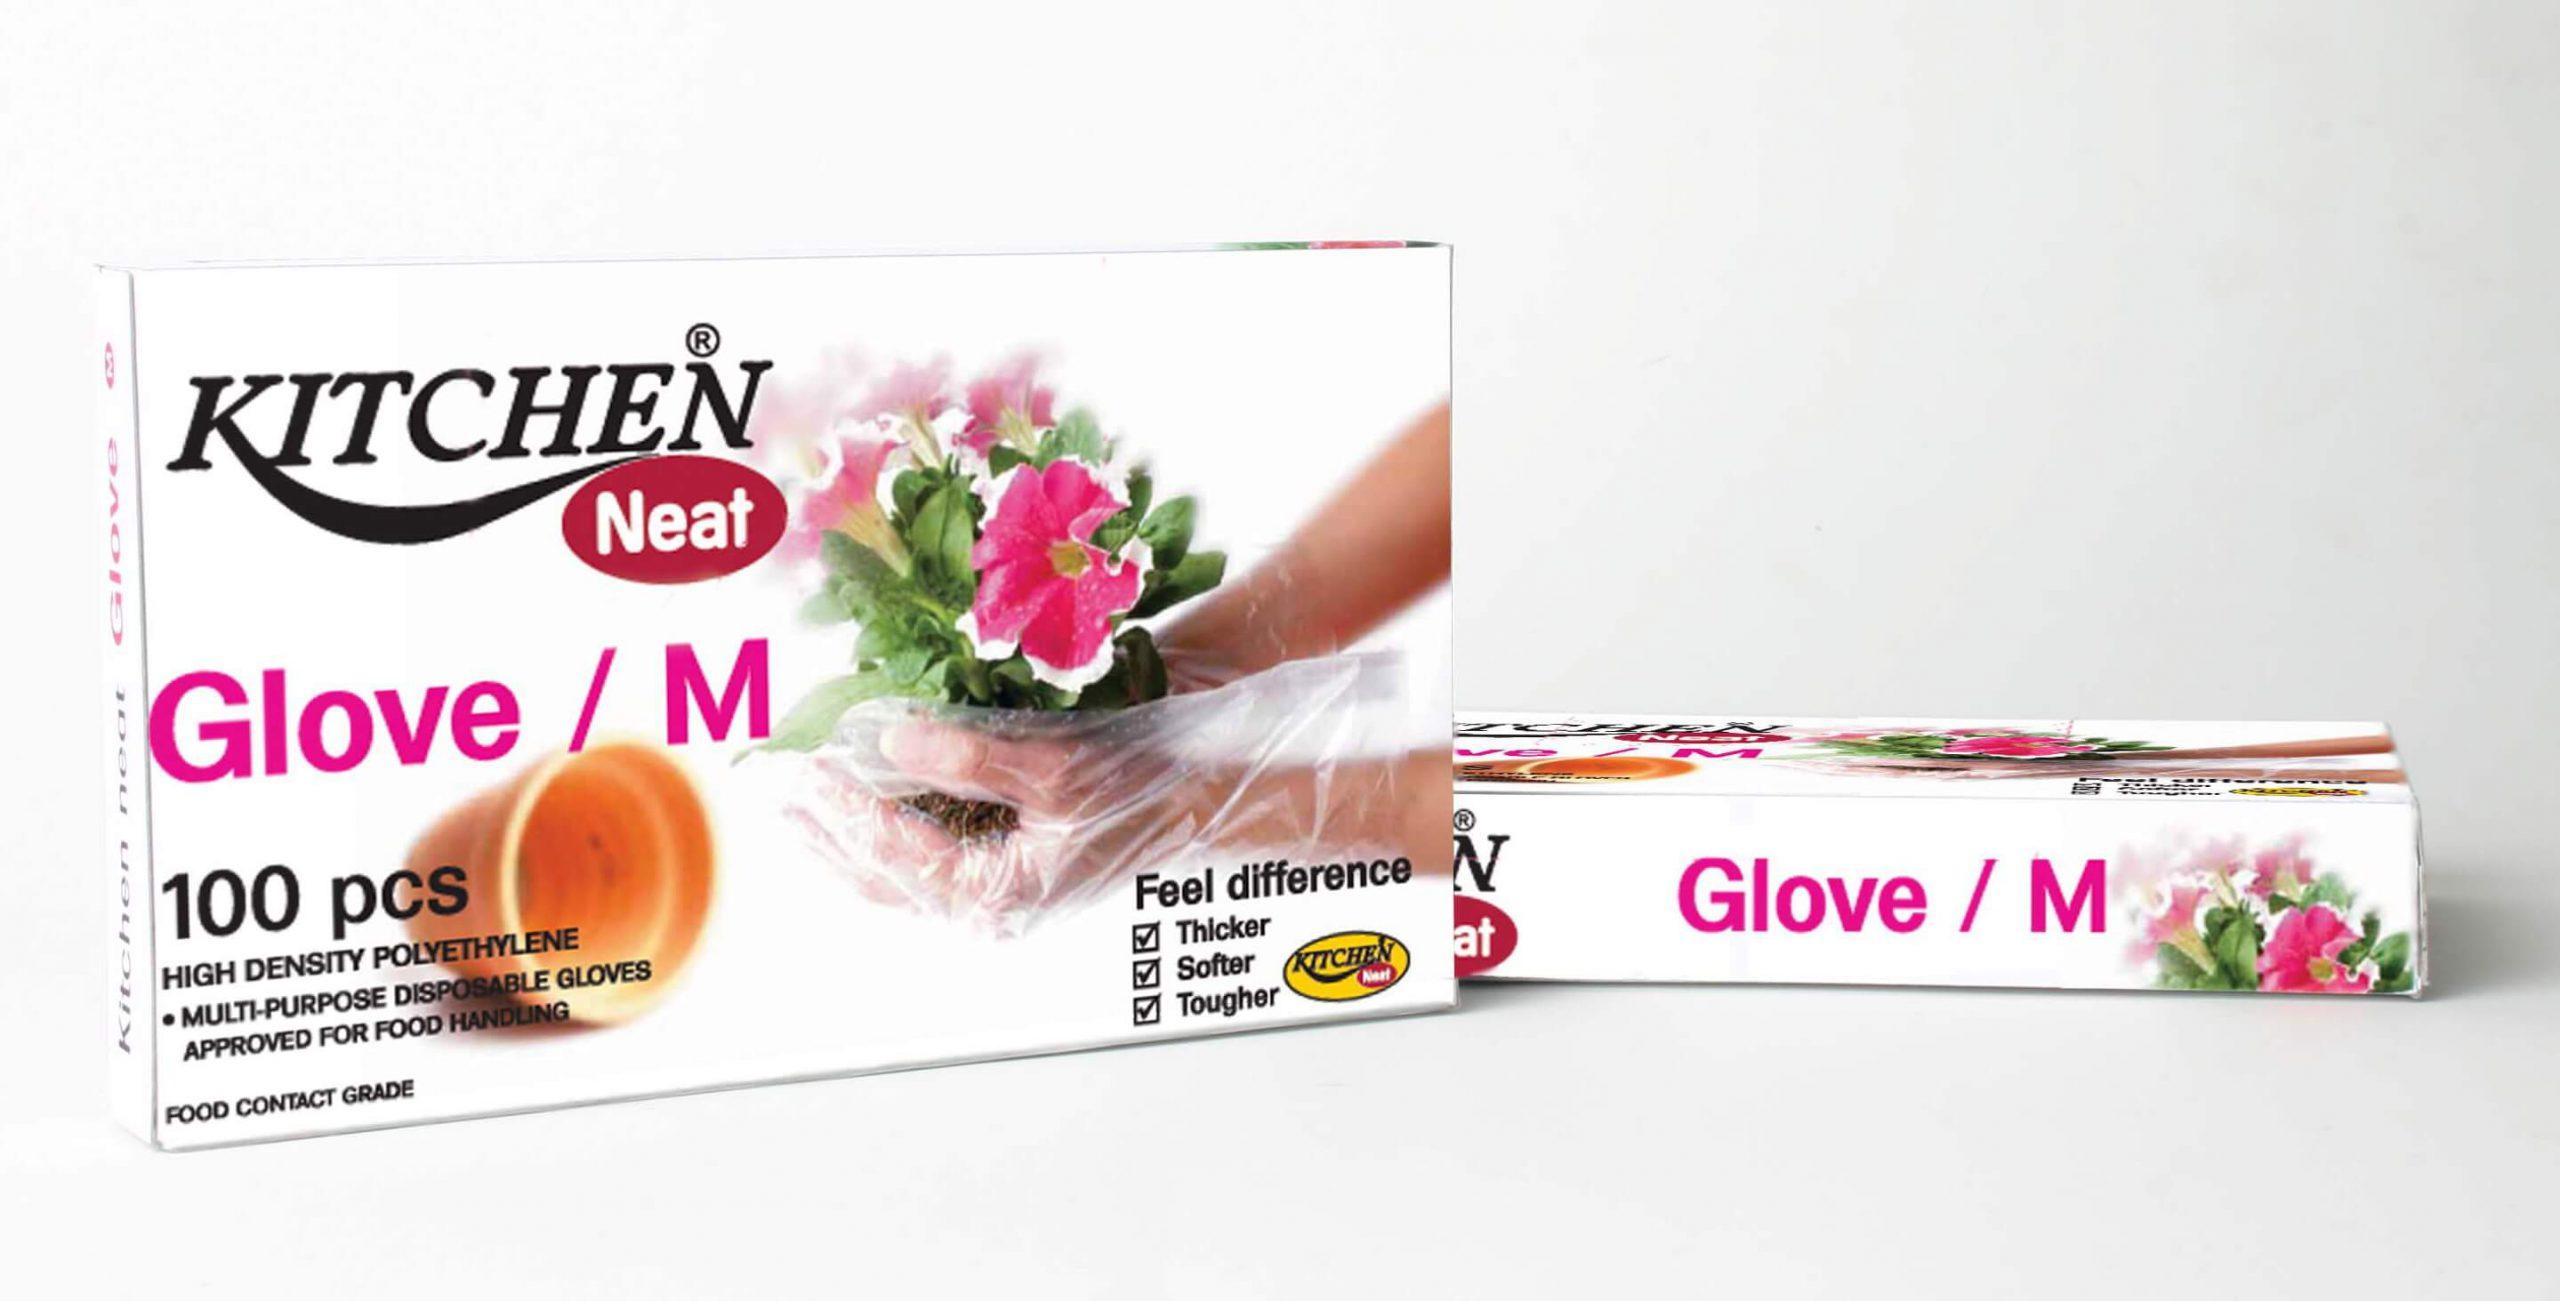 Kitchen Neat Glove